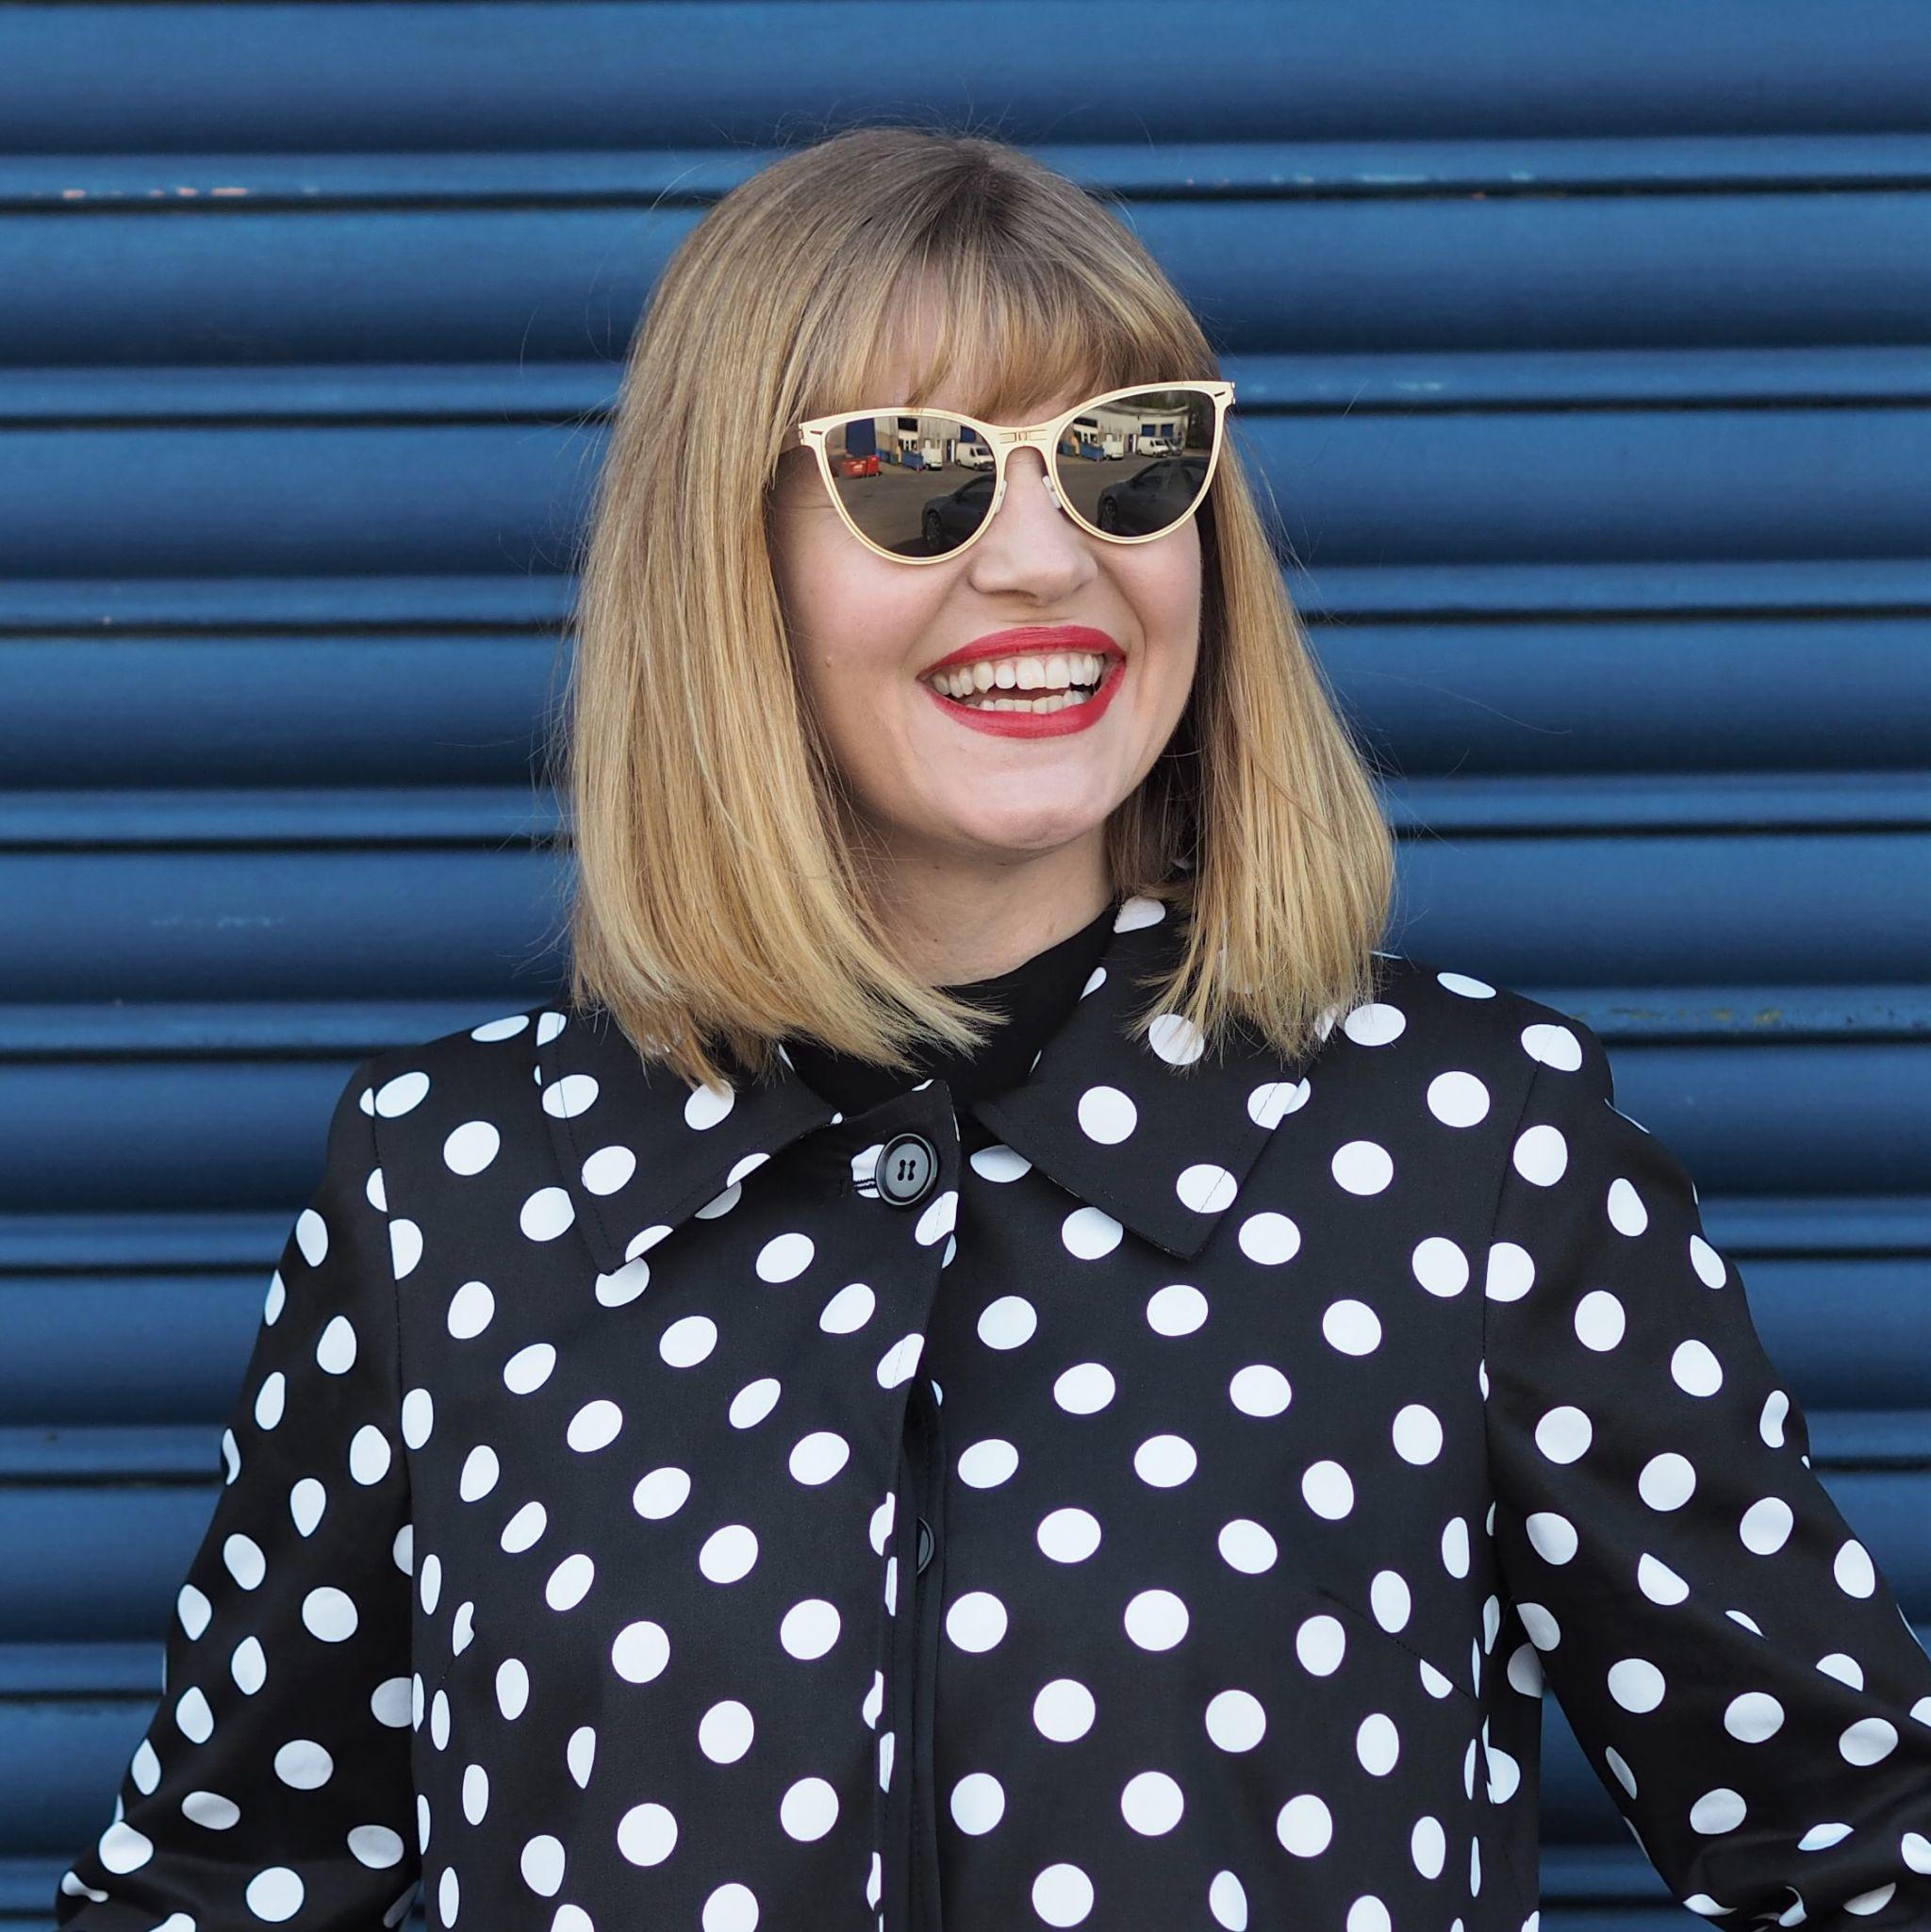 black and white spot swing coat gold cat eye ROAV sunglasses